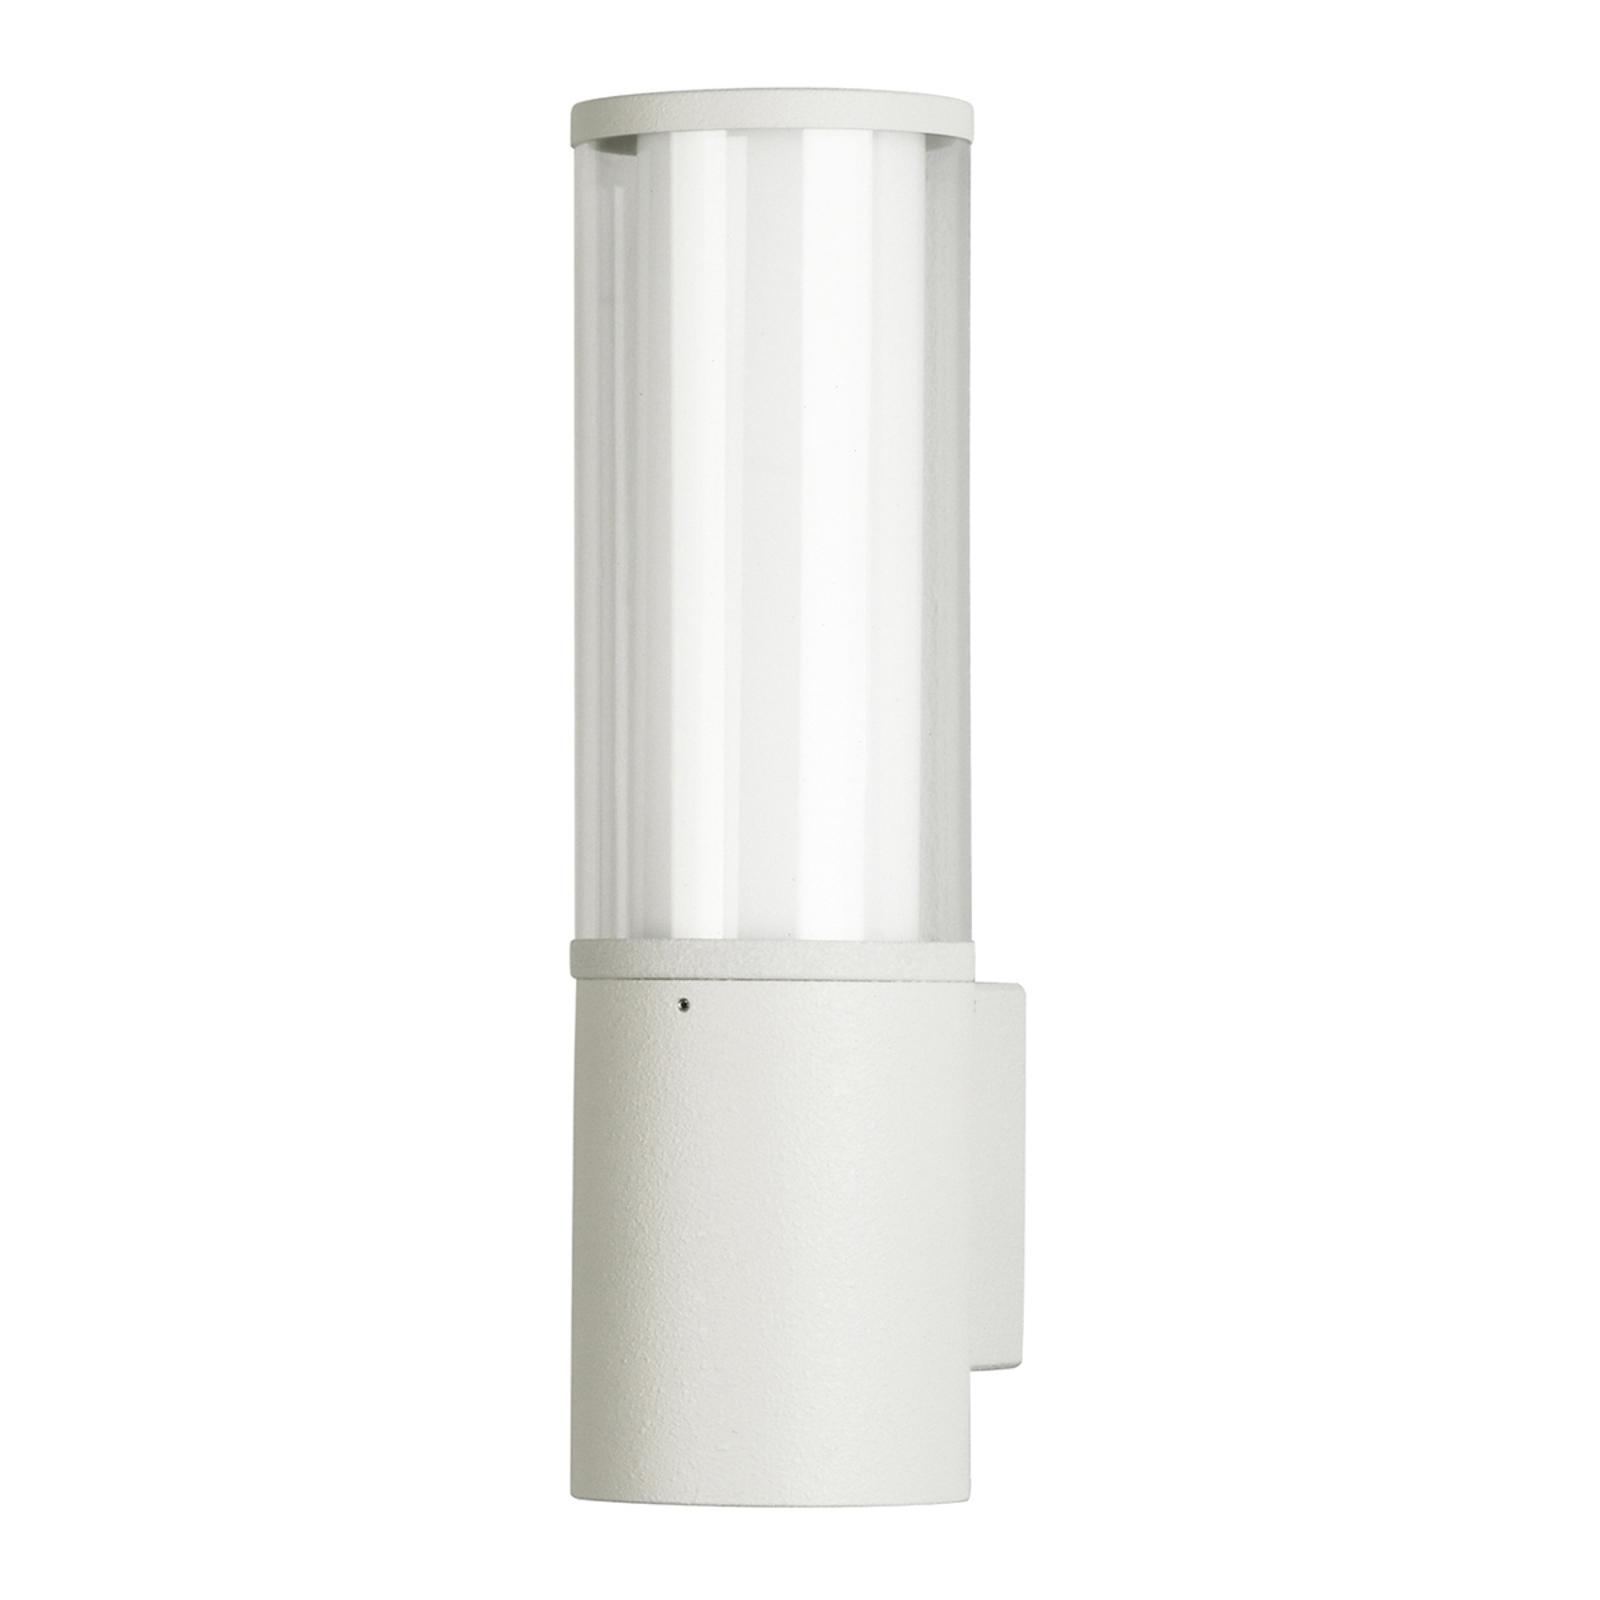 Nowoczesna zewnętrzna lampa ścienna Giulia biała